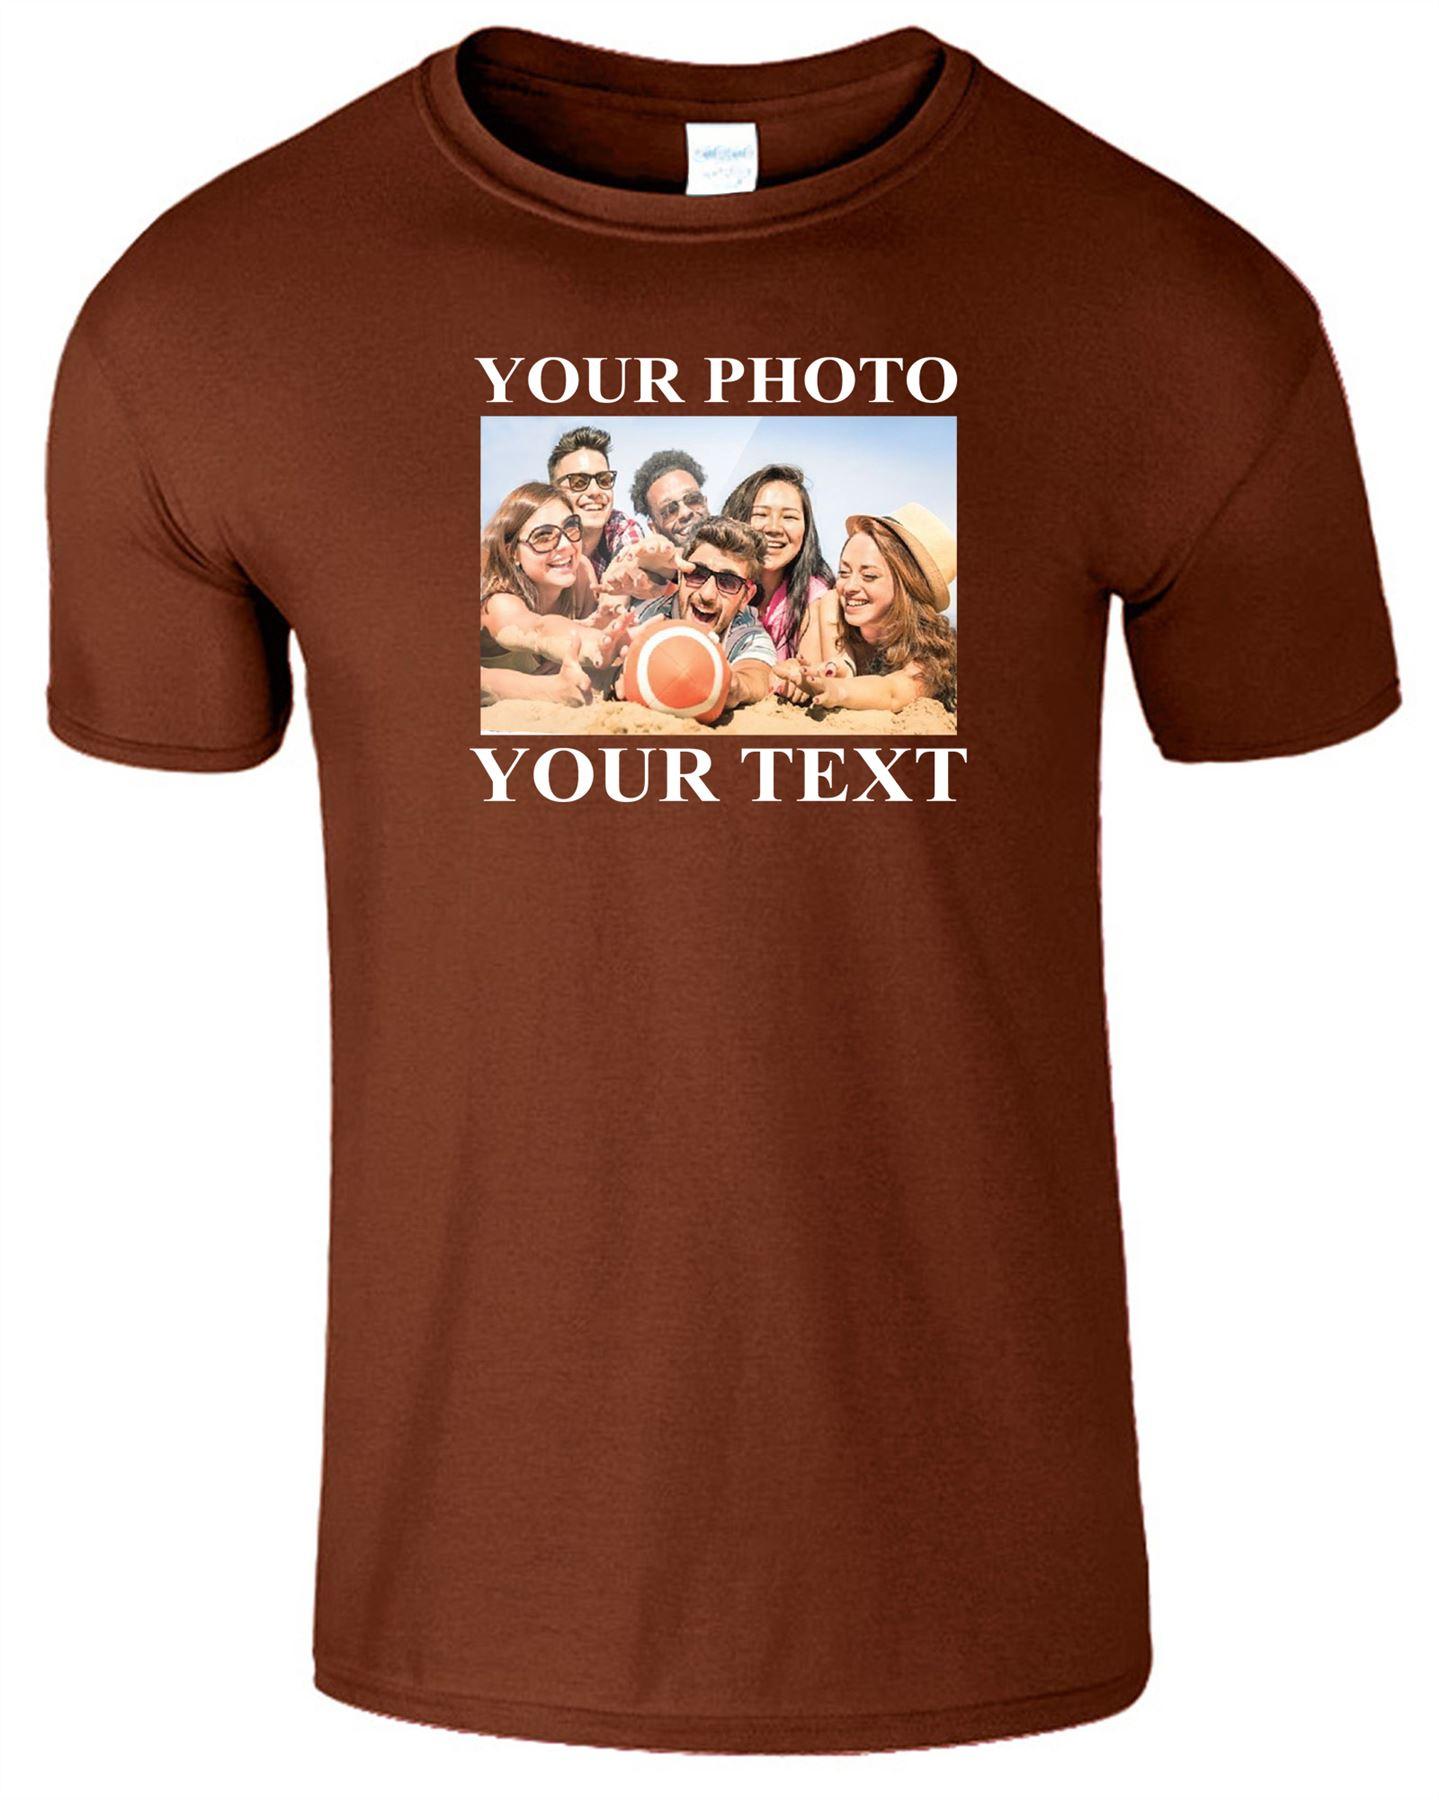 Personalised Photo Image Text Kids T-Shirt Custom Printed Girls Boys Gift Tshirt